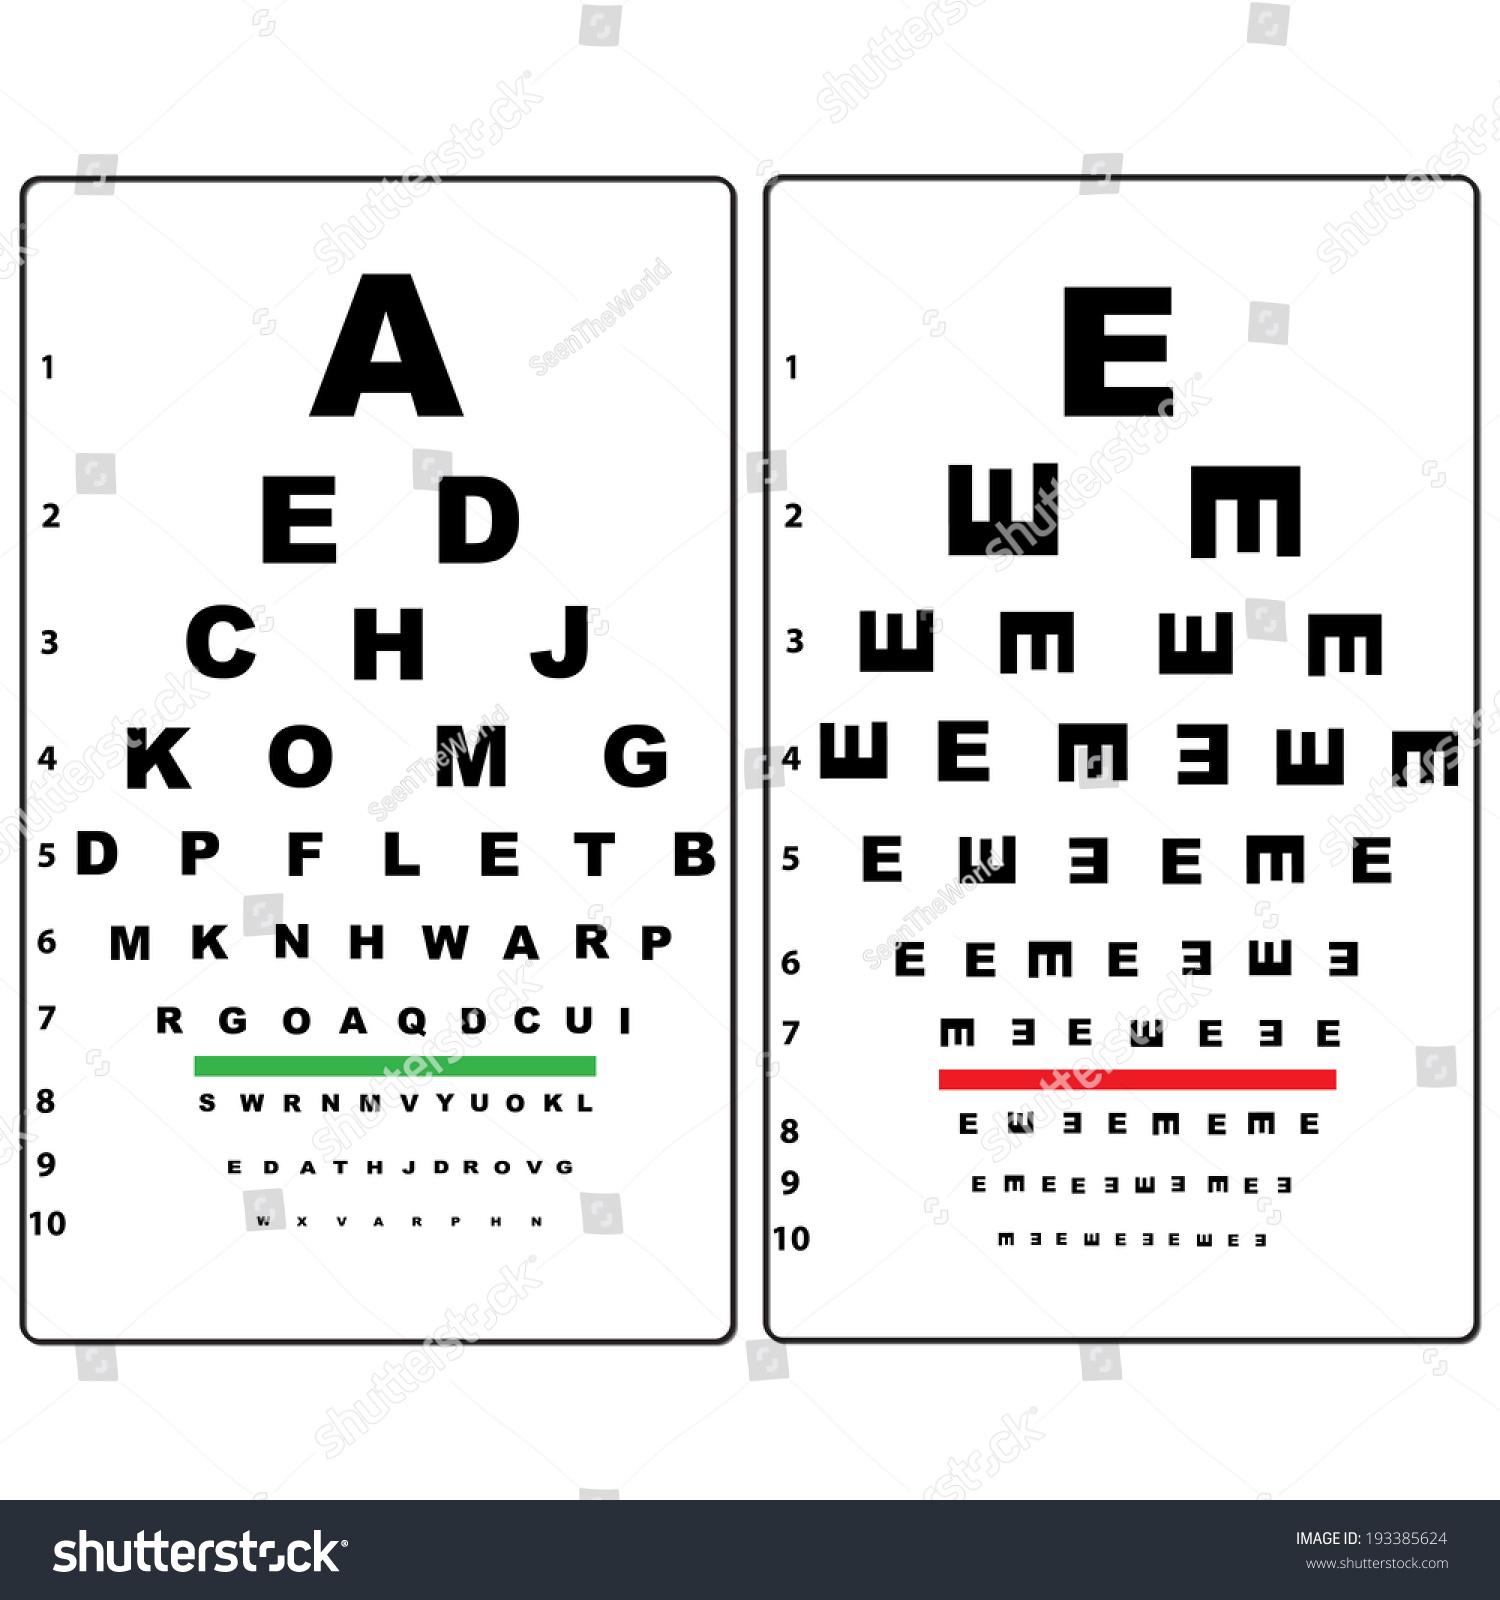 Dmv vision test machine best machine 2018 dmv vision test chart geenschuldenfo Gallery